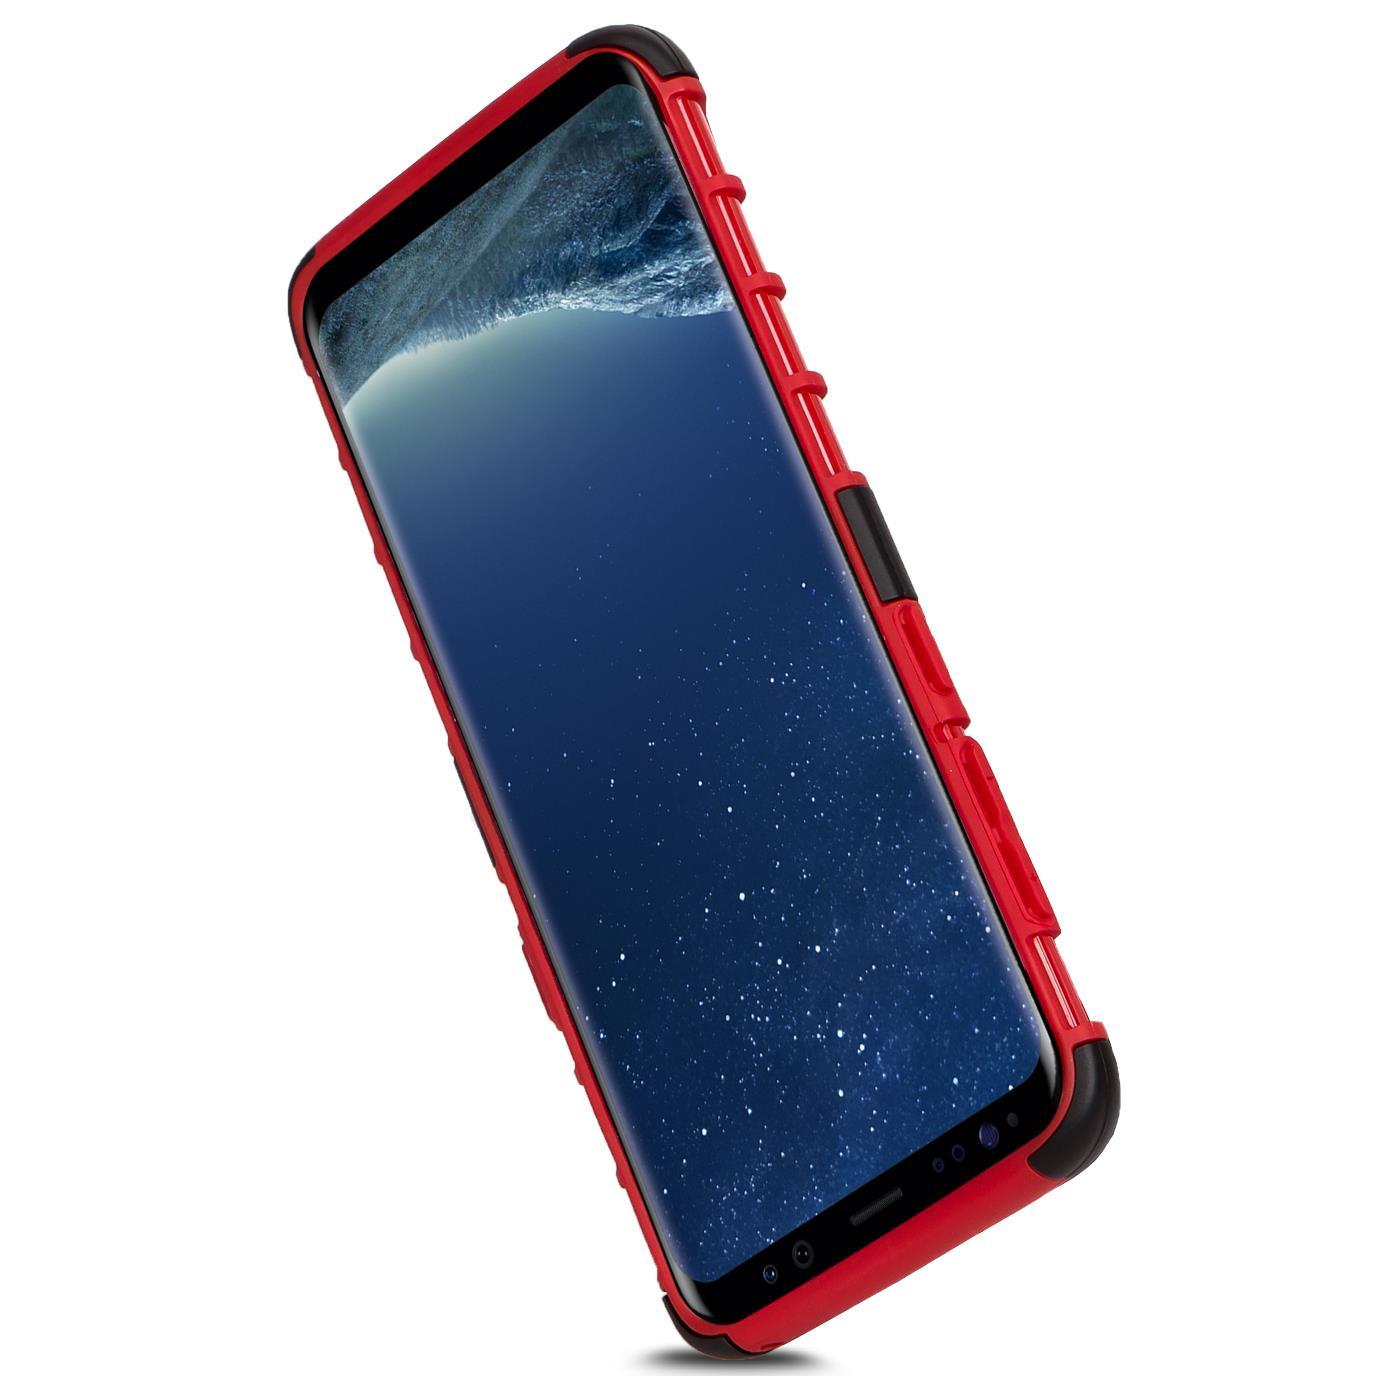 Samsung-Huelle-Hybrid-Panzer-Schutzhuelle-Handy-Schutz-Case-Ruestung-Cover-Tasche Indexbild 13